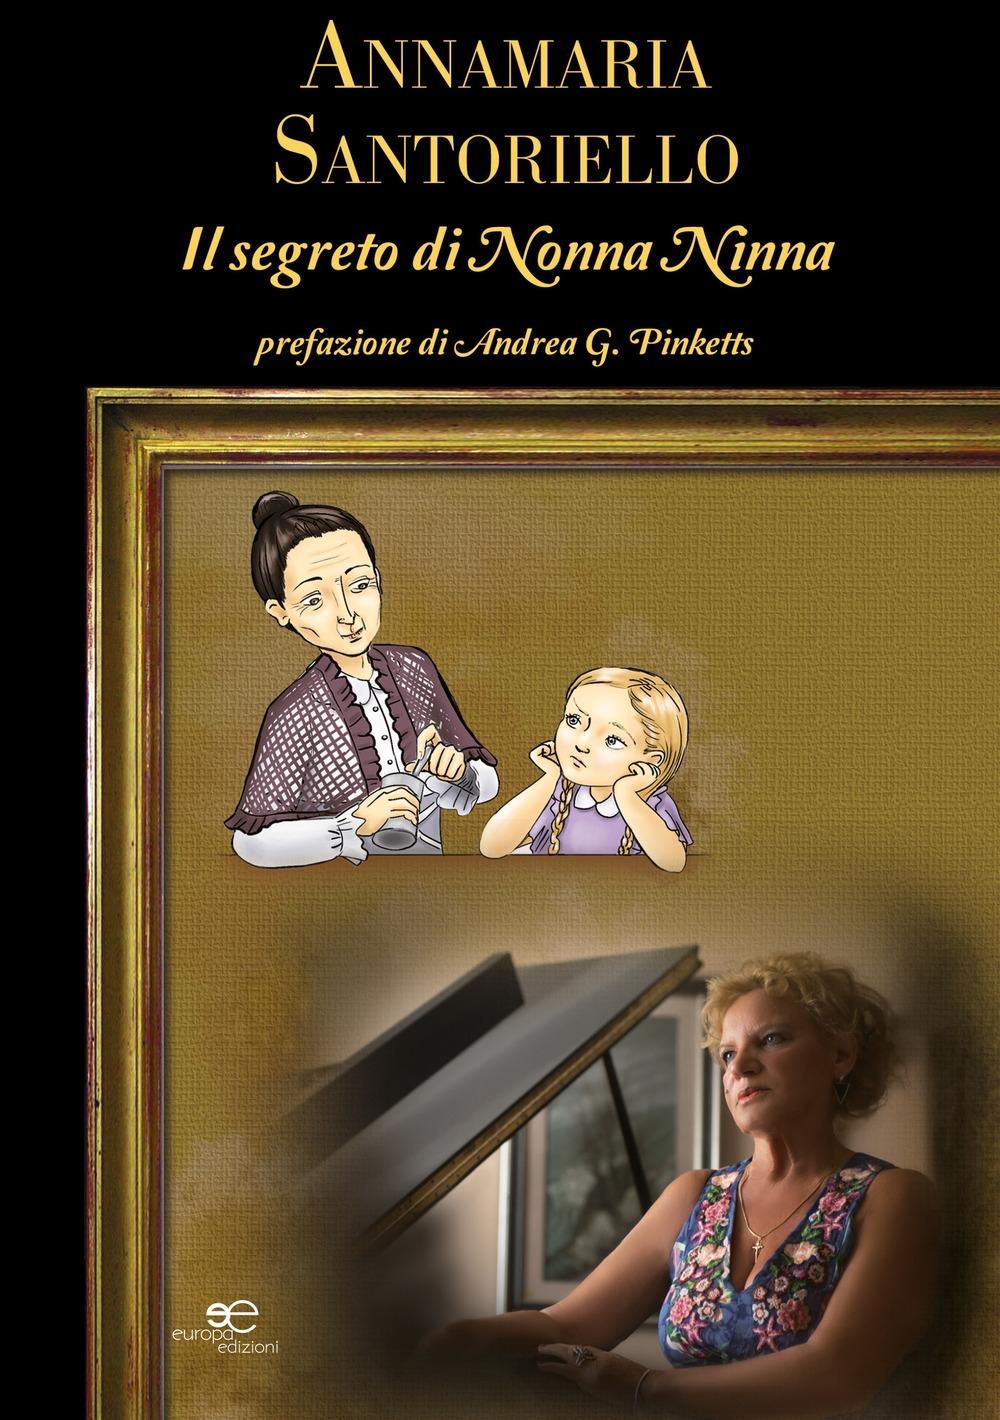 Il segreto di nonna Ninna